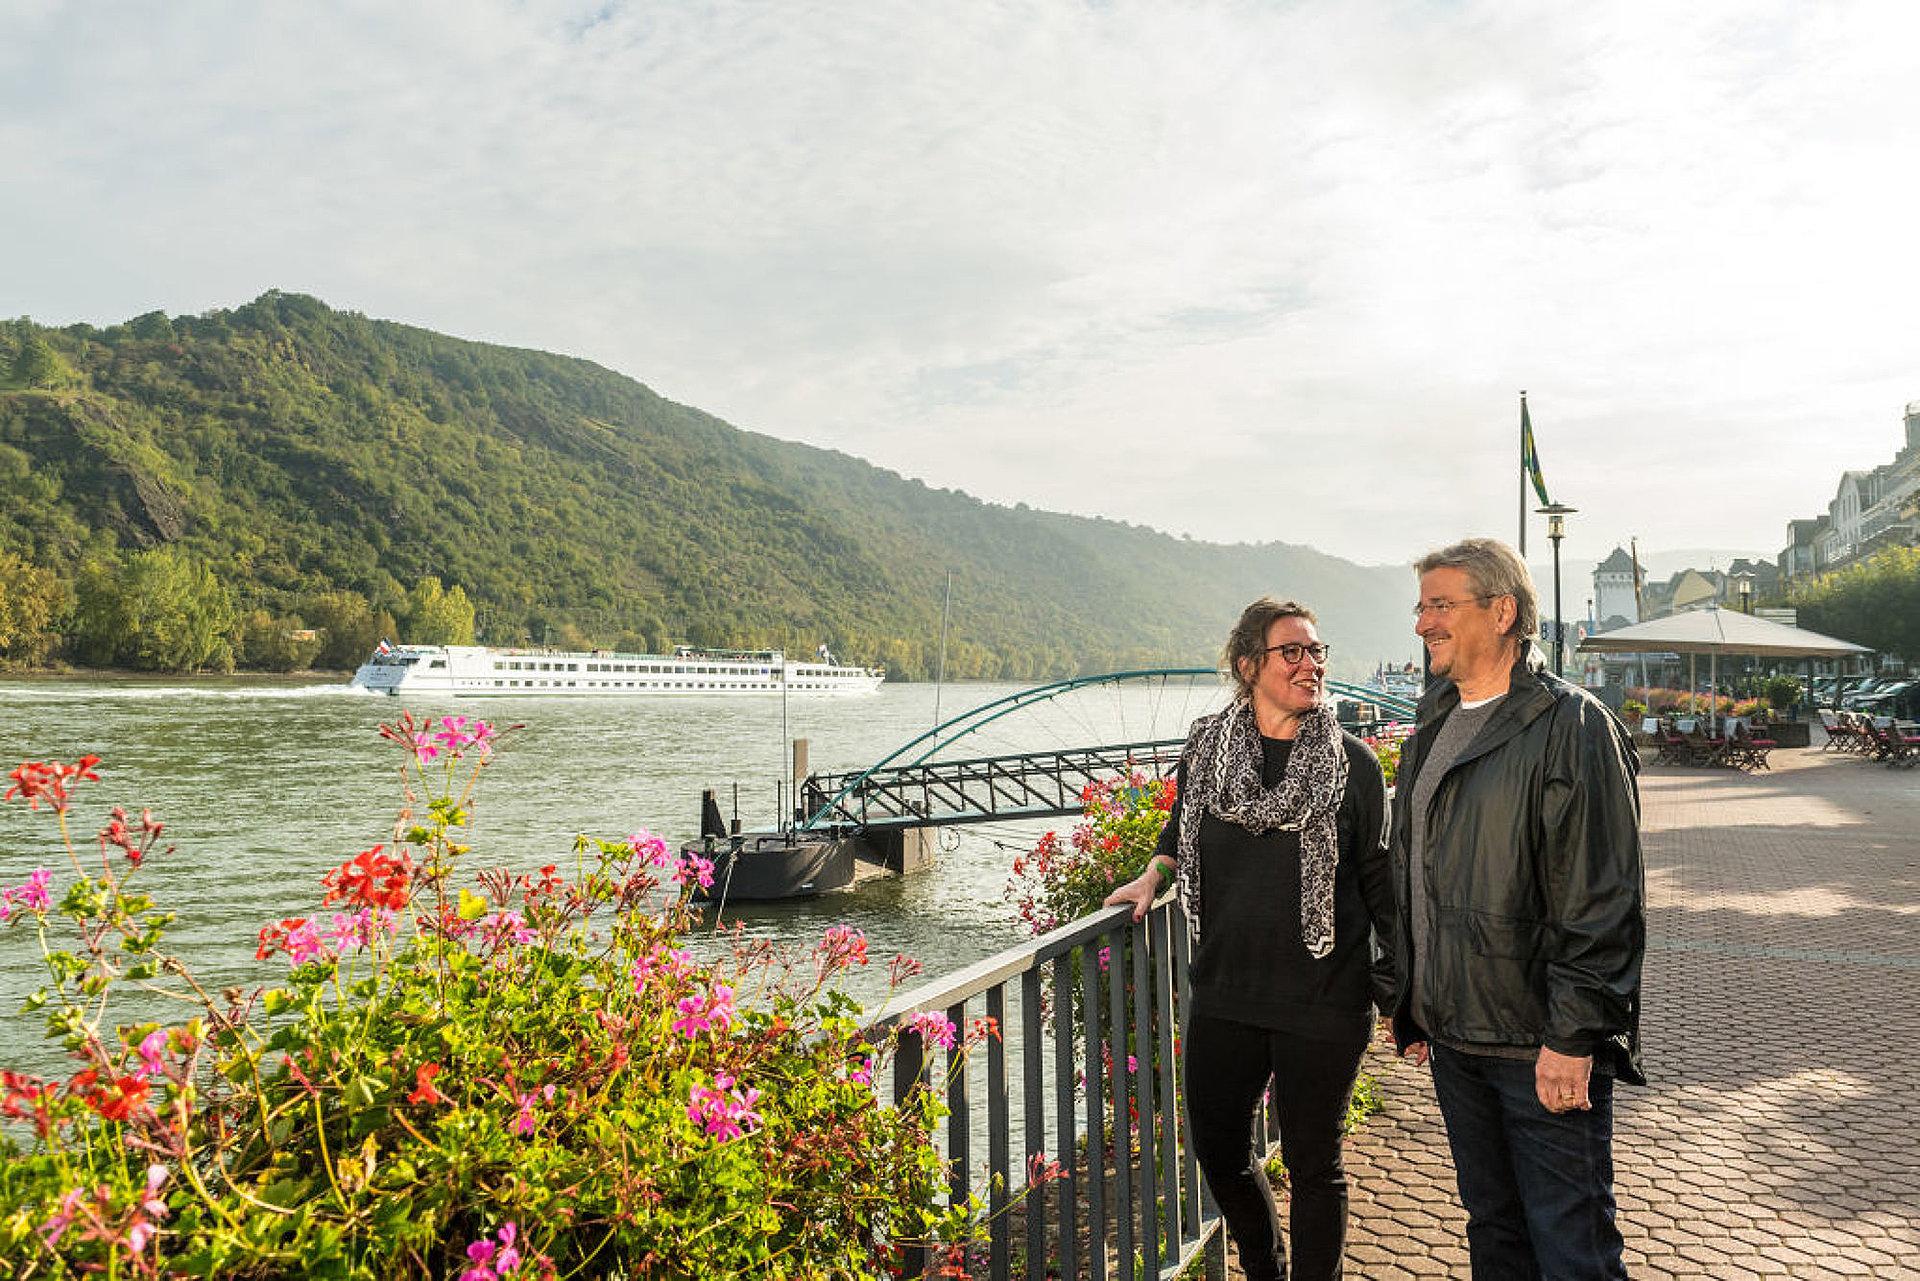 Spaziergang an der Rheinpromenade in Boppard, Romantischer Rhein